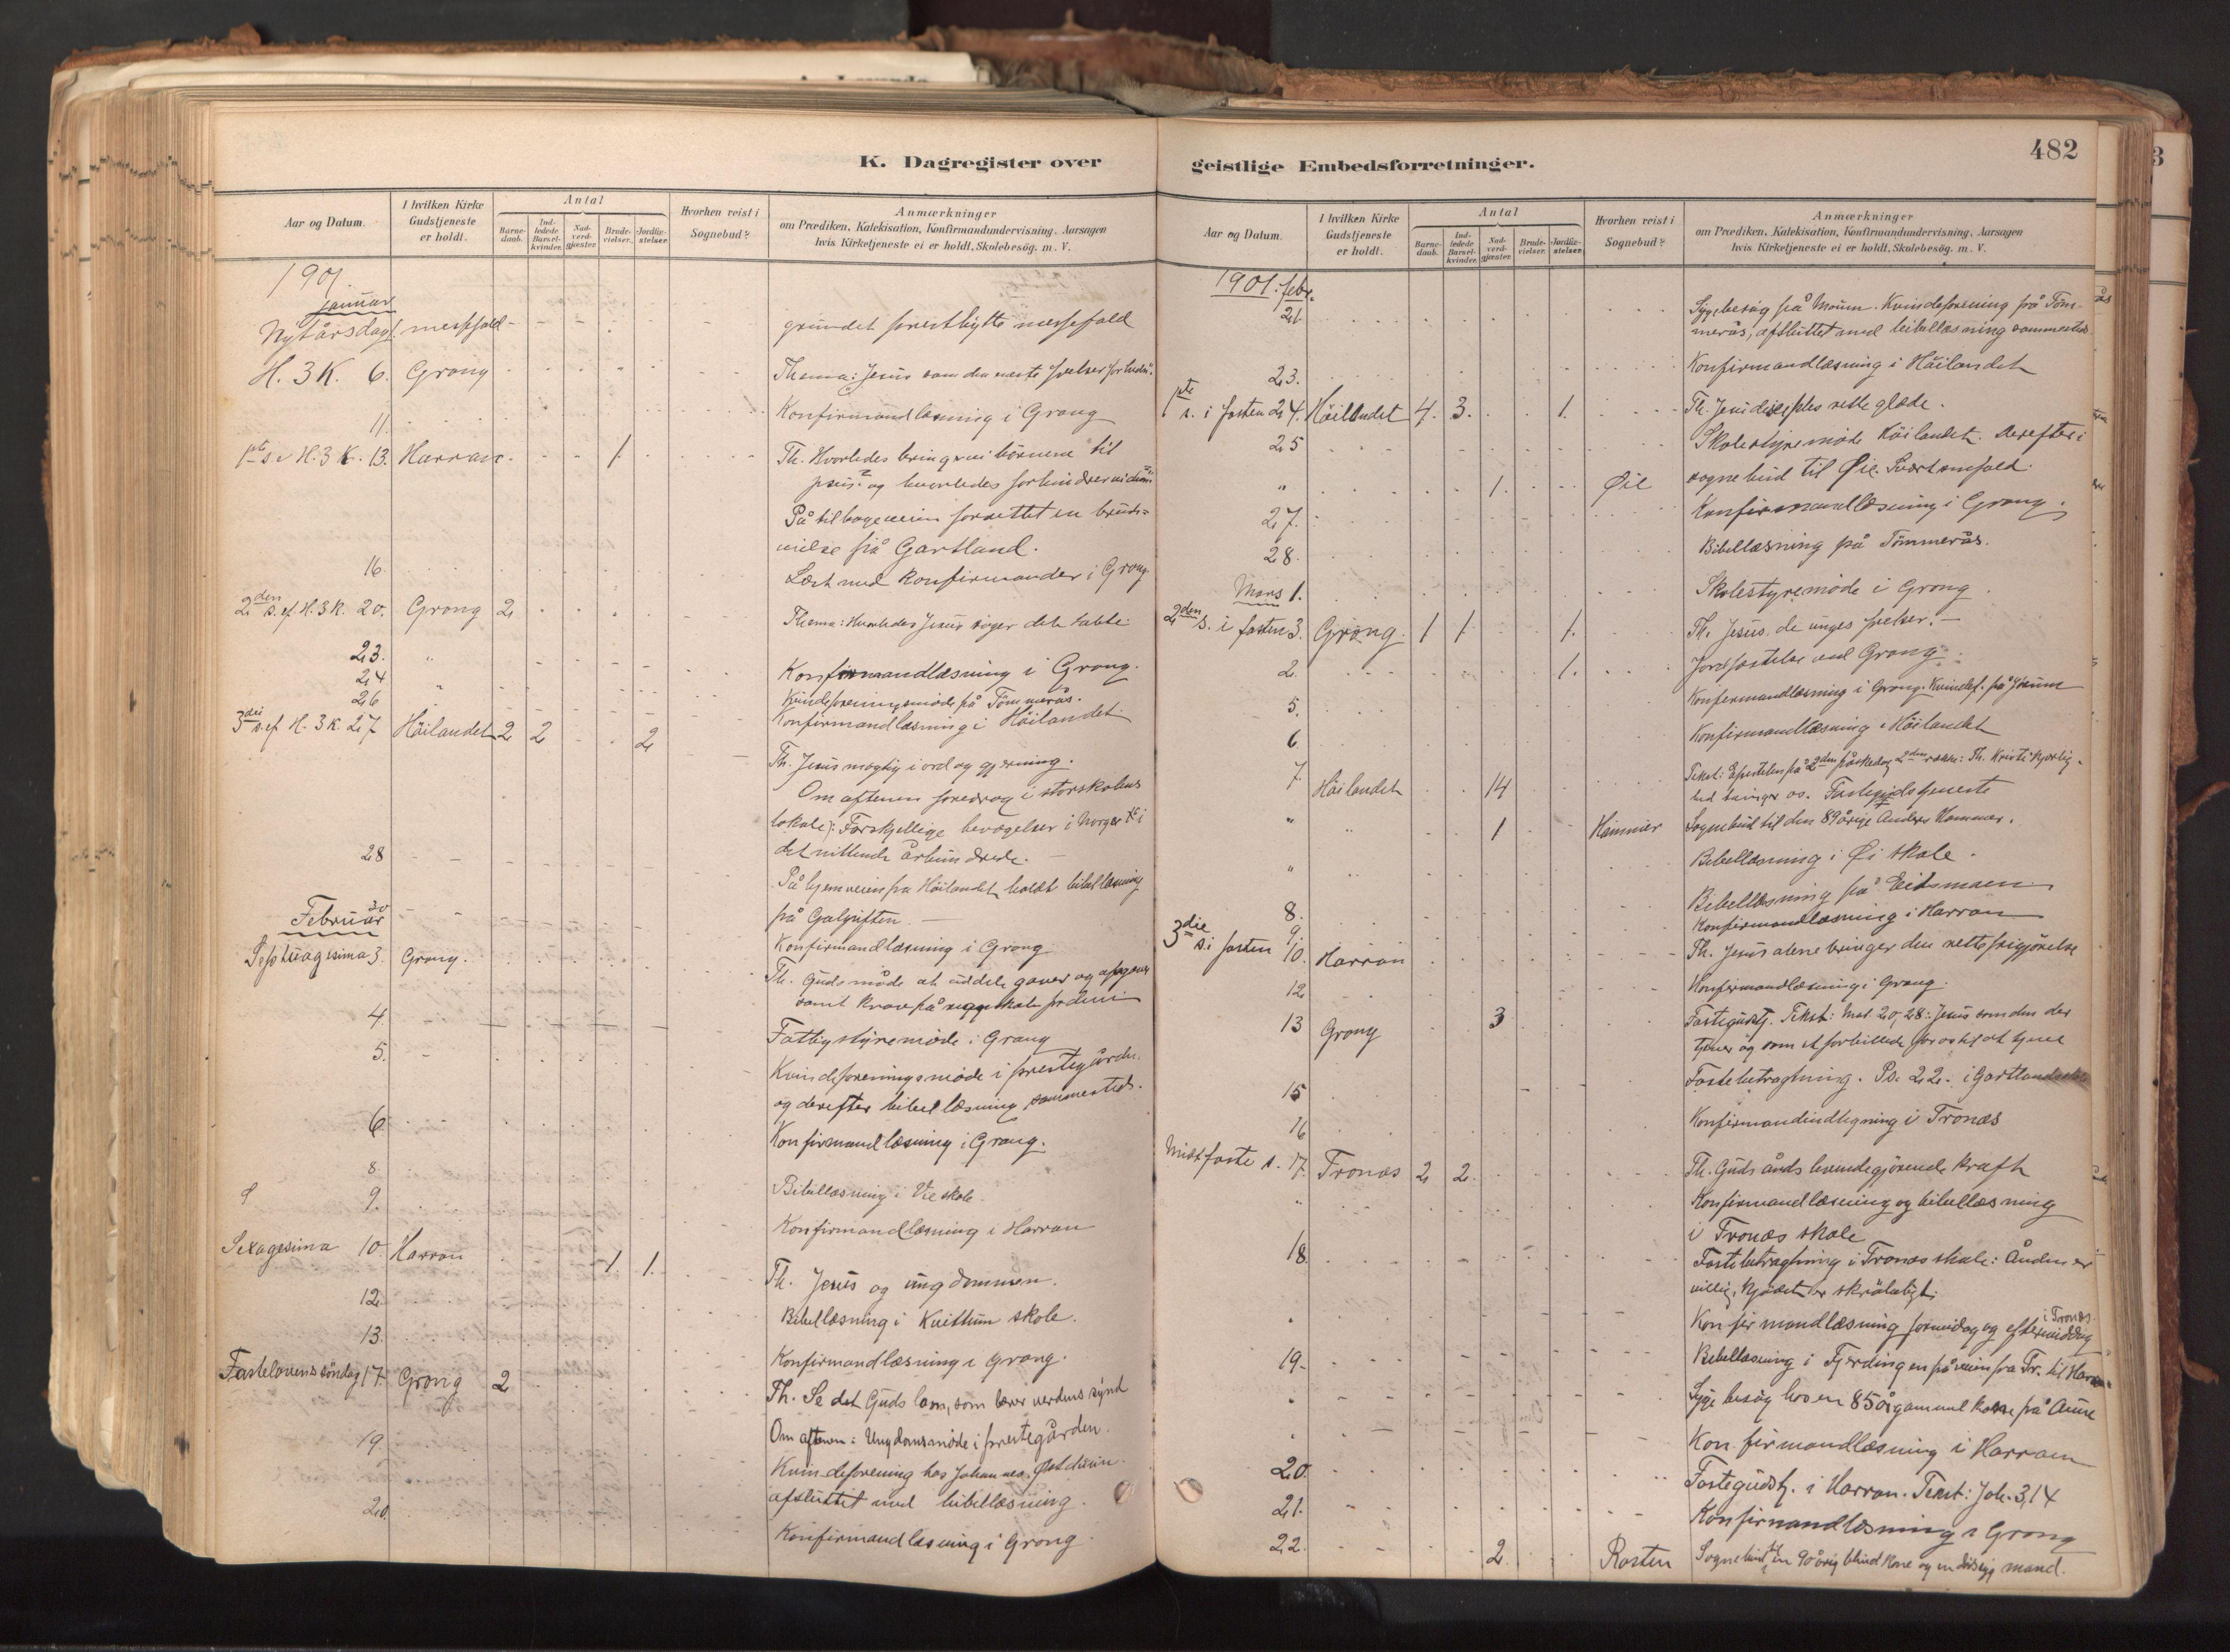 SAT, Ministerialprotokoller, klokkerbøker og fødselsregistre - Nord-Trøndelag, 758/L0519: Ministerialbok nr. 758A04, 1880-1926, s. 482